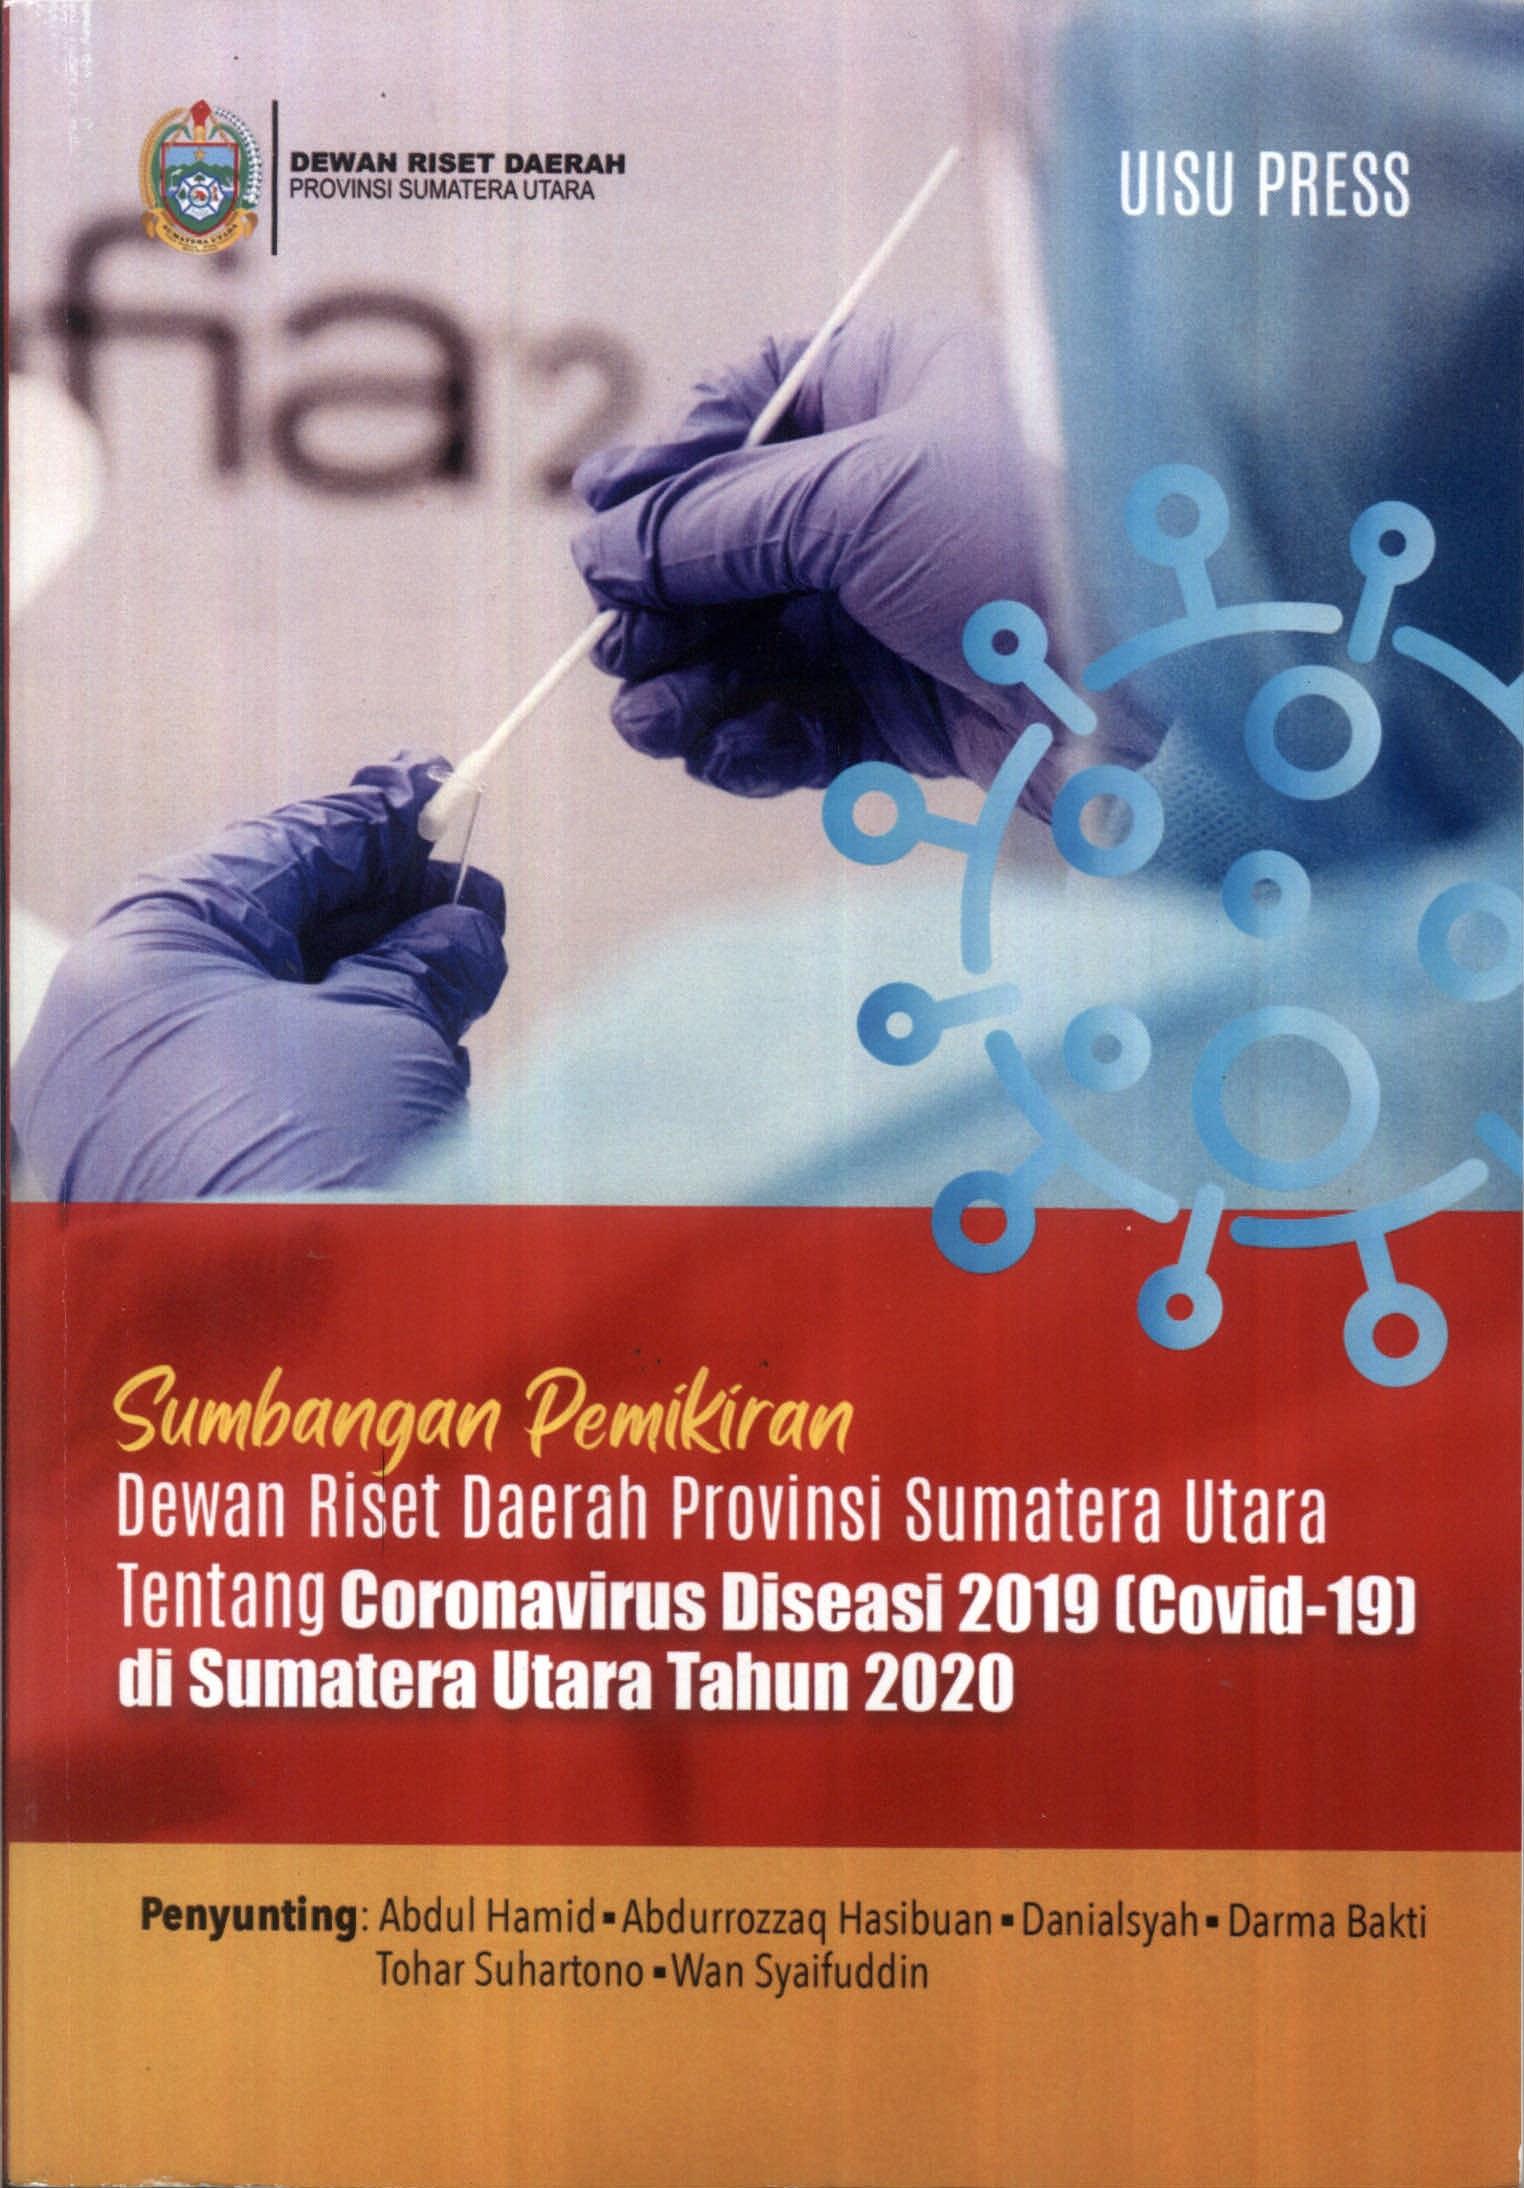 Sumbangan Pemikiran Dewan Riset Daerah Provinsi Sumatera Utara tentang Coronavirus Diseasi 2019 (Covid-19) di Sumatera Utara tahun 2020